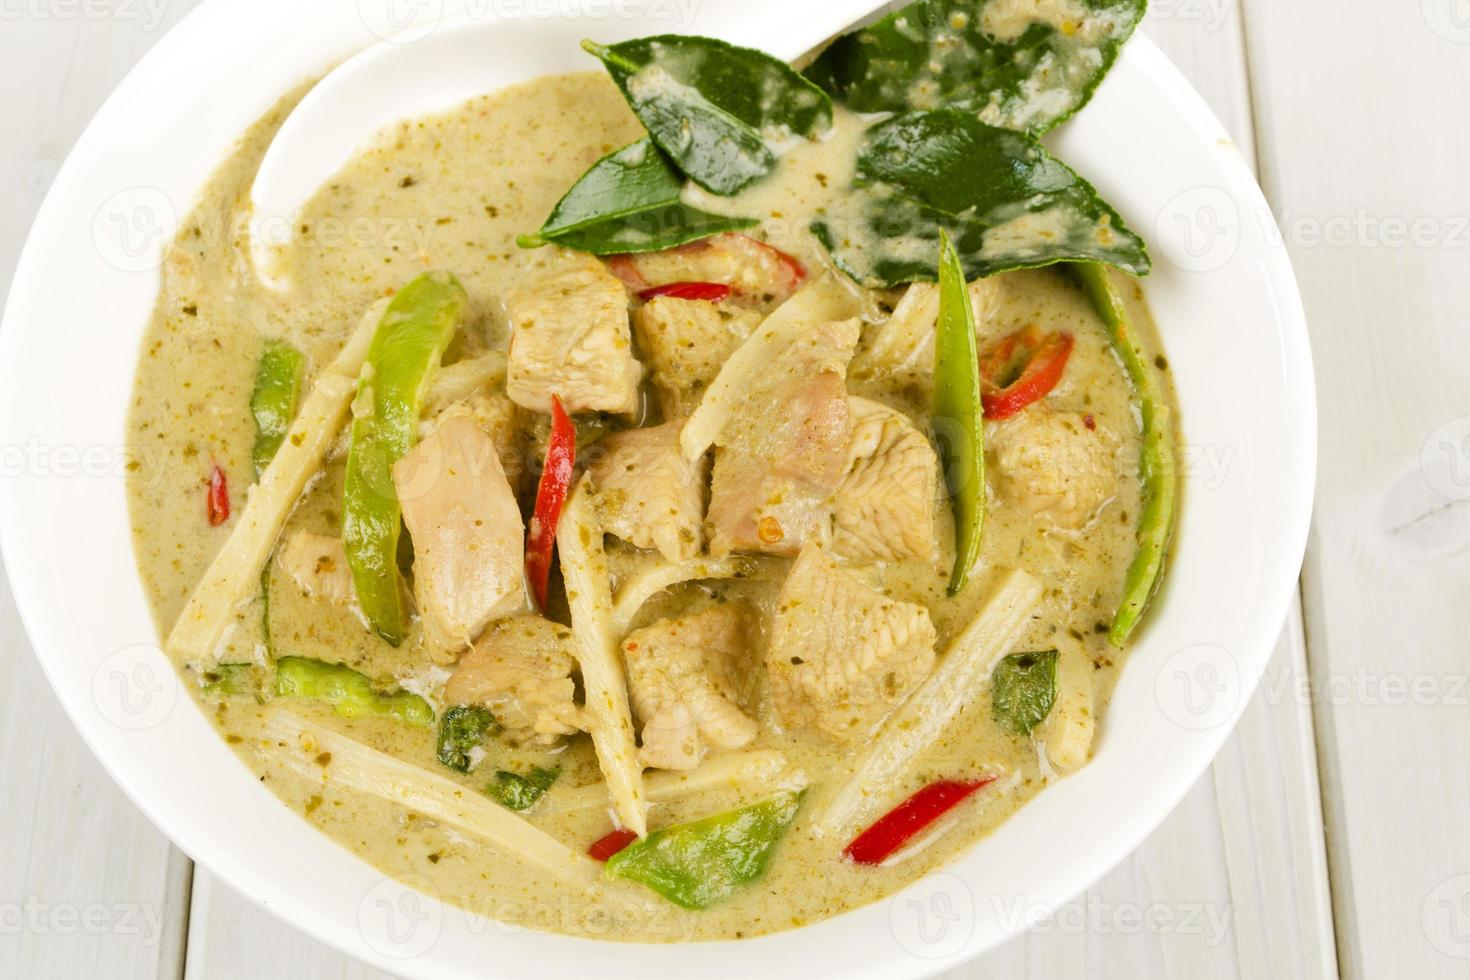 kaeng khiao wan kai - Thaise groene kipcurry foto